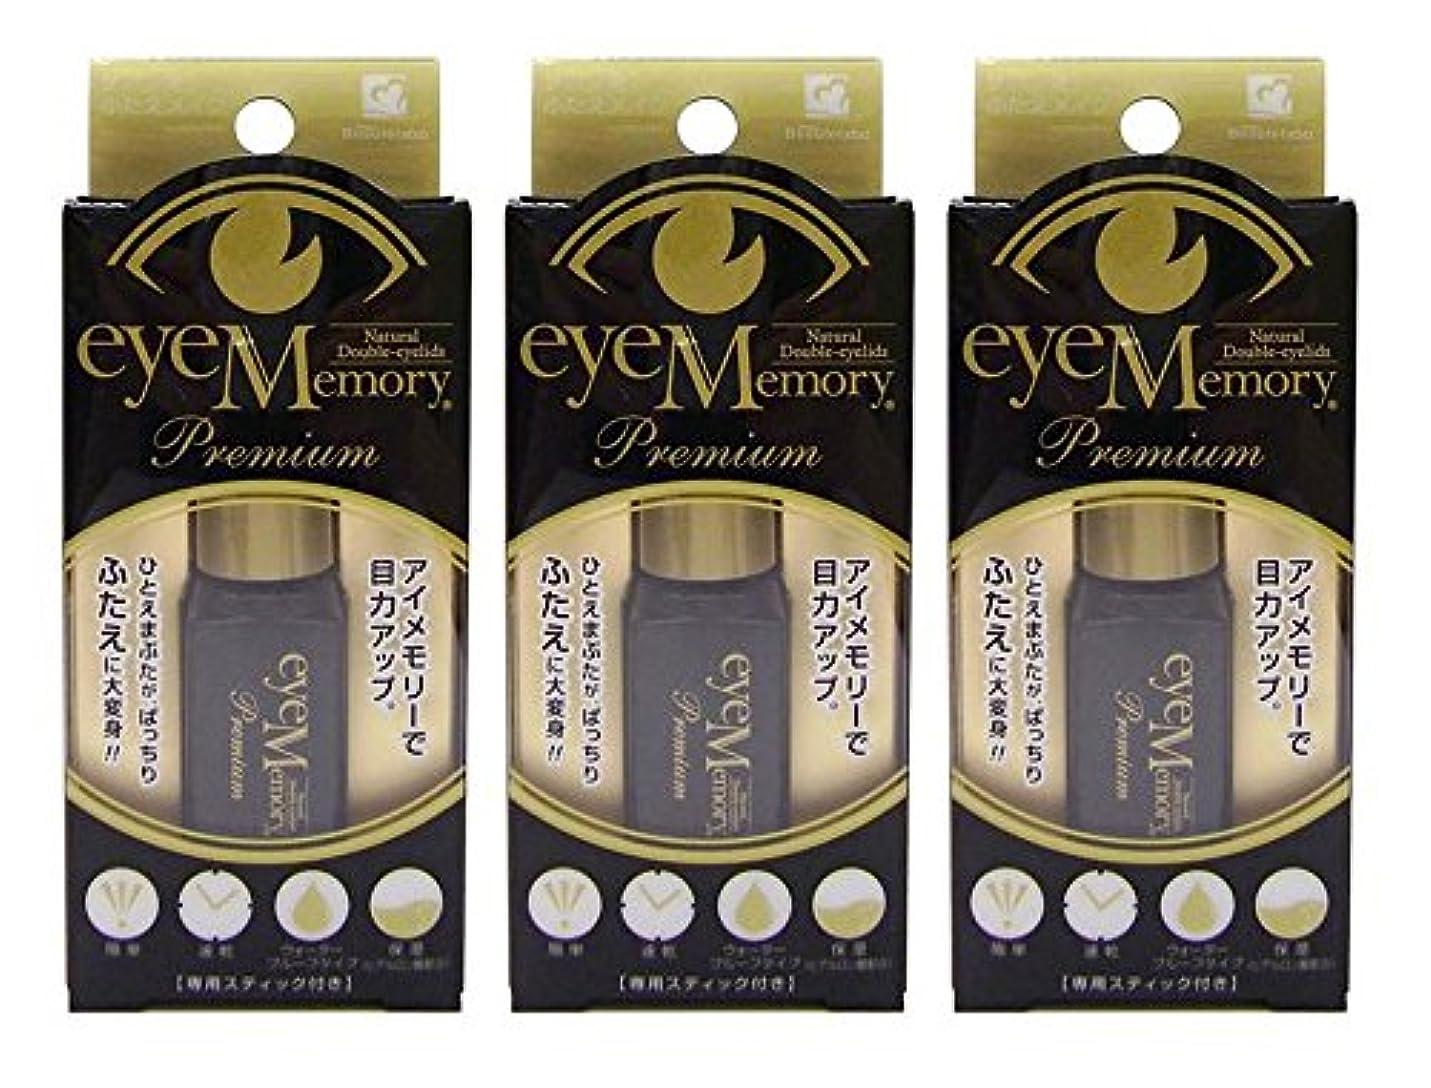 仲間小石帝国アイメモリー モイスチャー プレミアム 4ml (二重まぶた化粧品) 3個セット